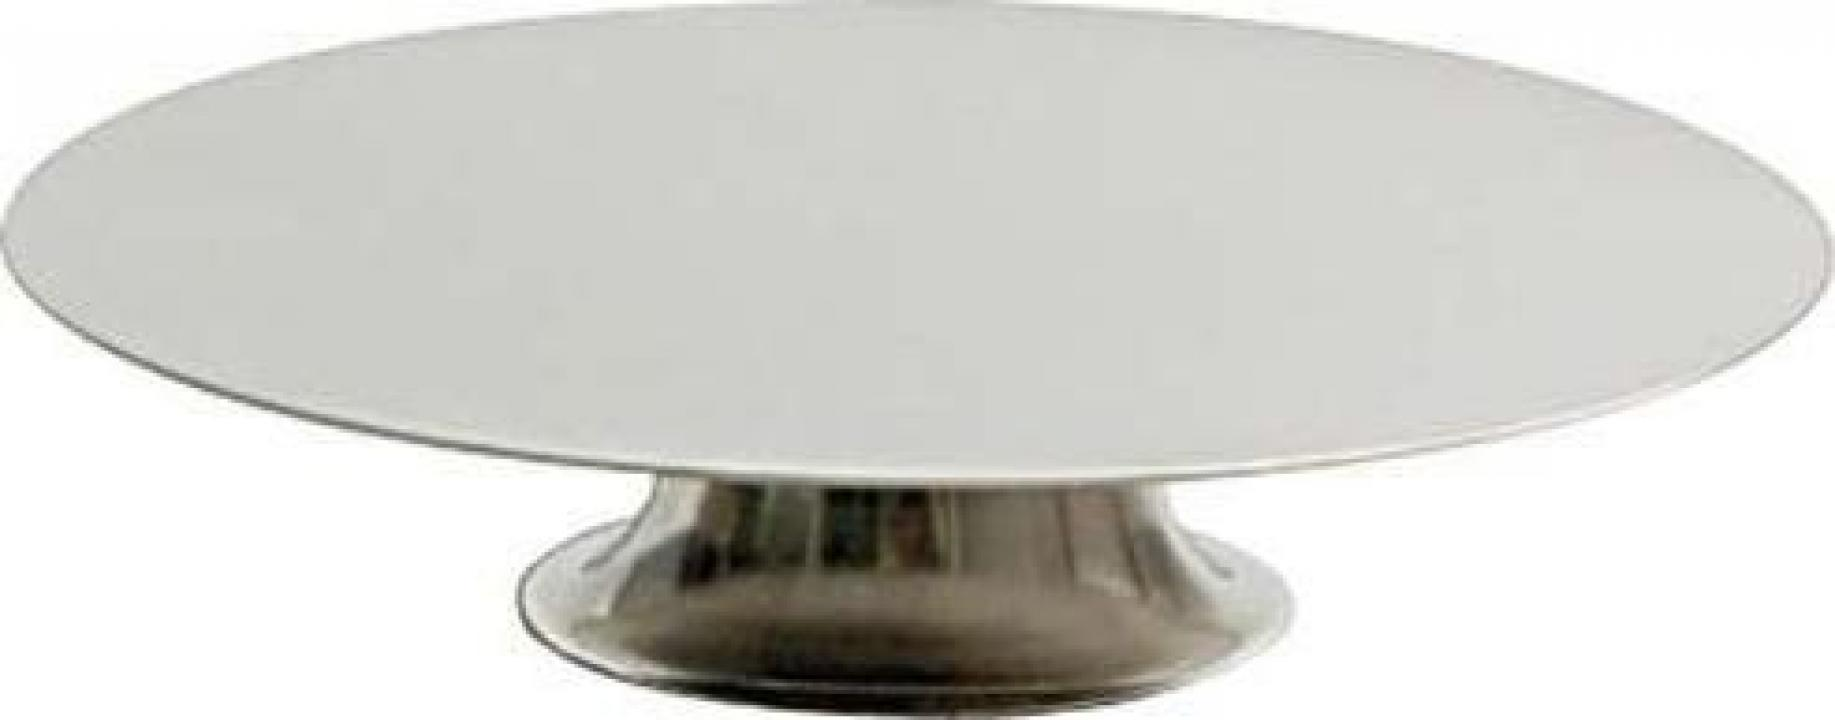 Suport inox rotativ pentru tort 30 cm.